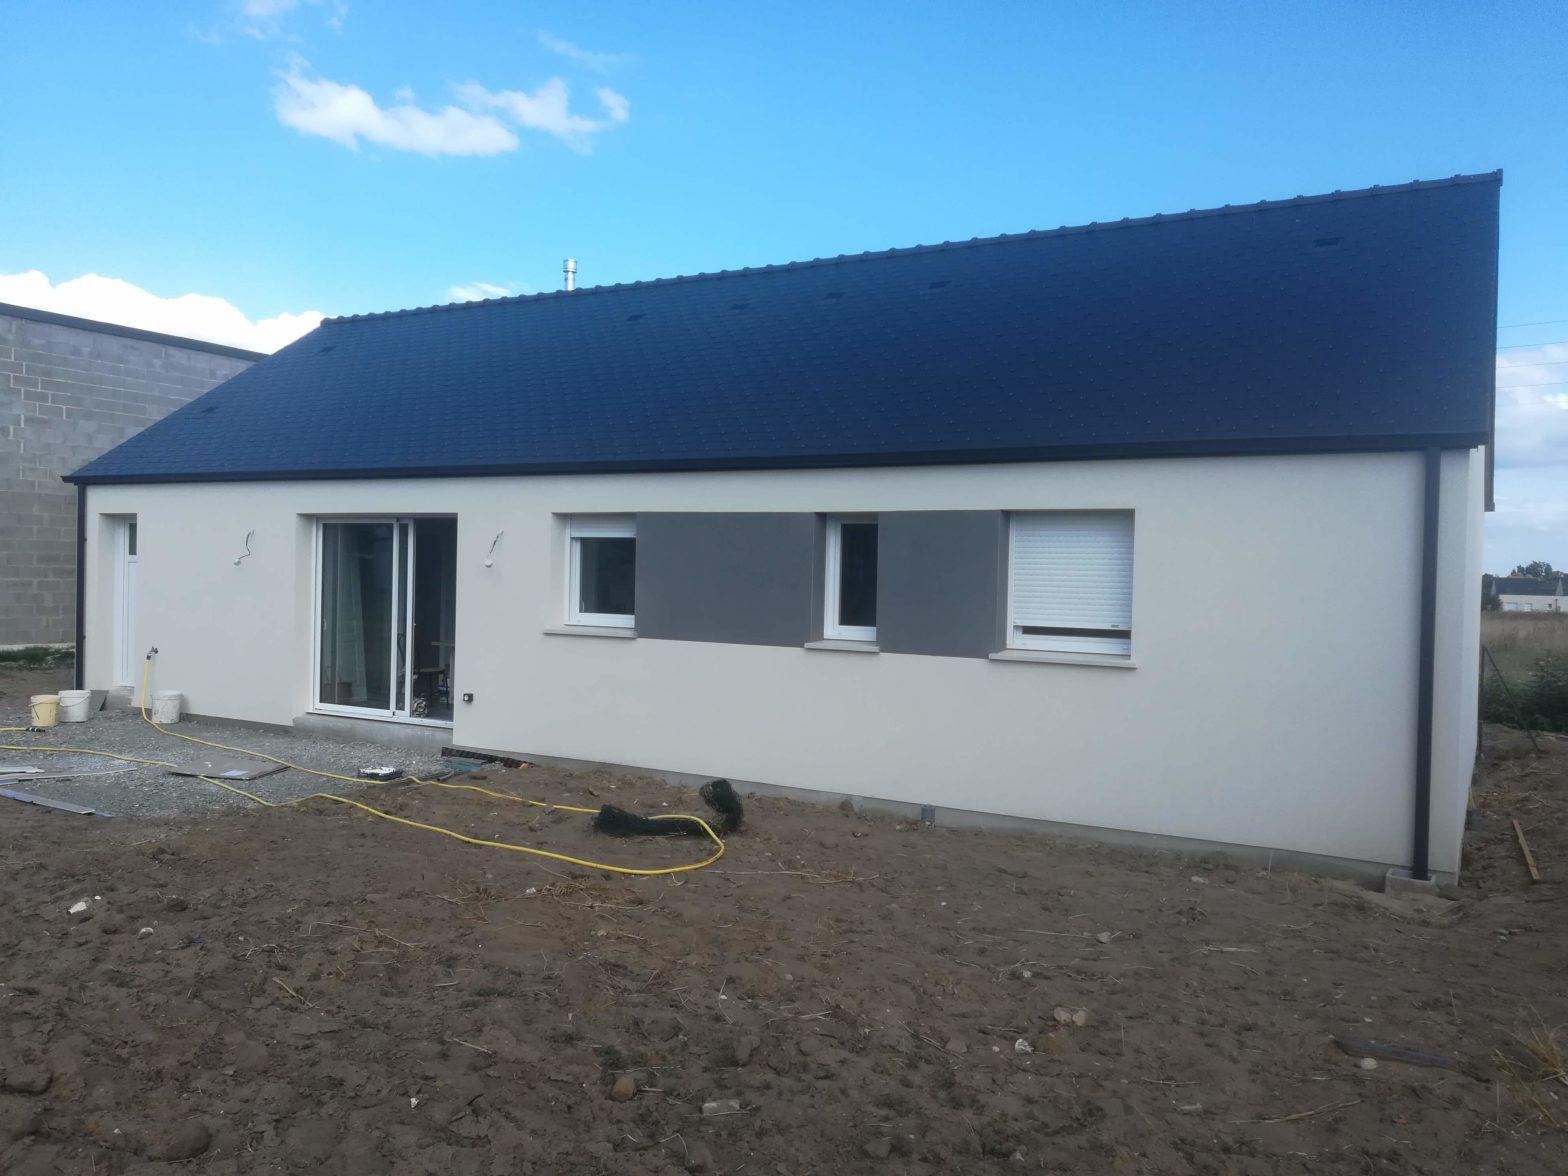 maison-plain-pied-toiture-ardoise-brissac-quince-49320